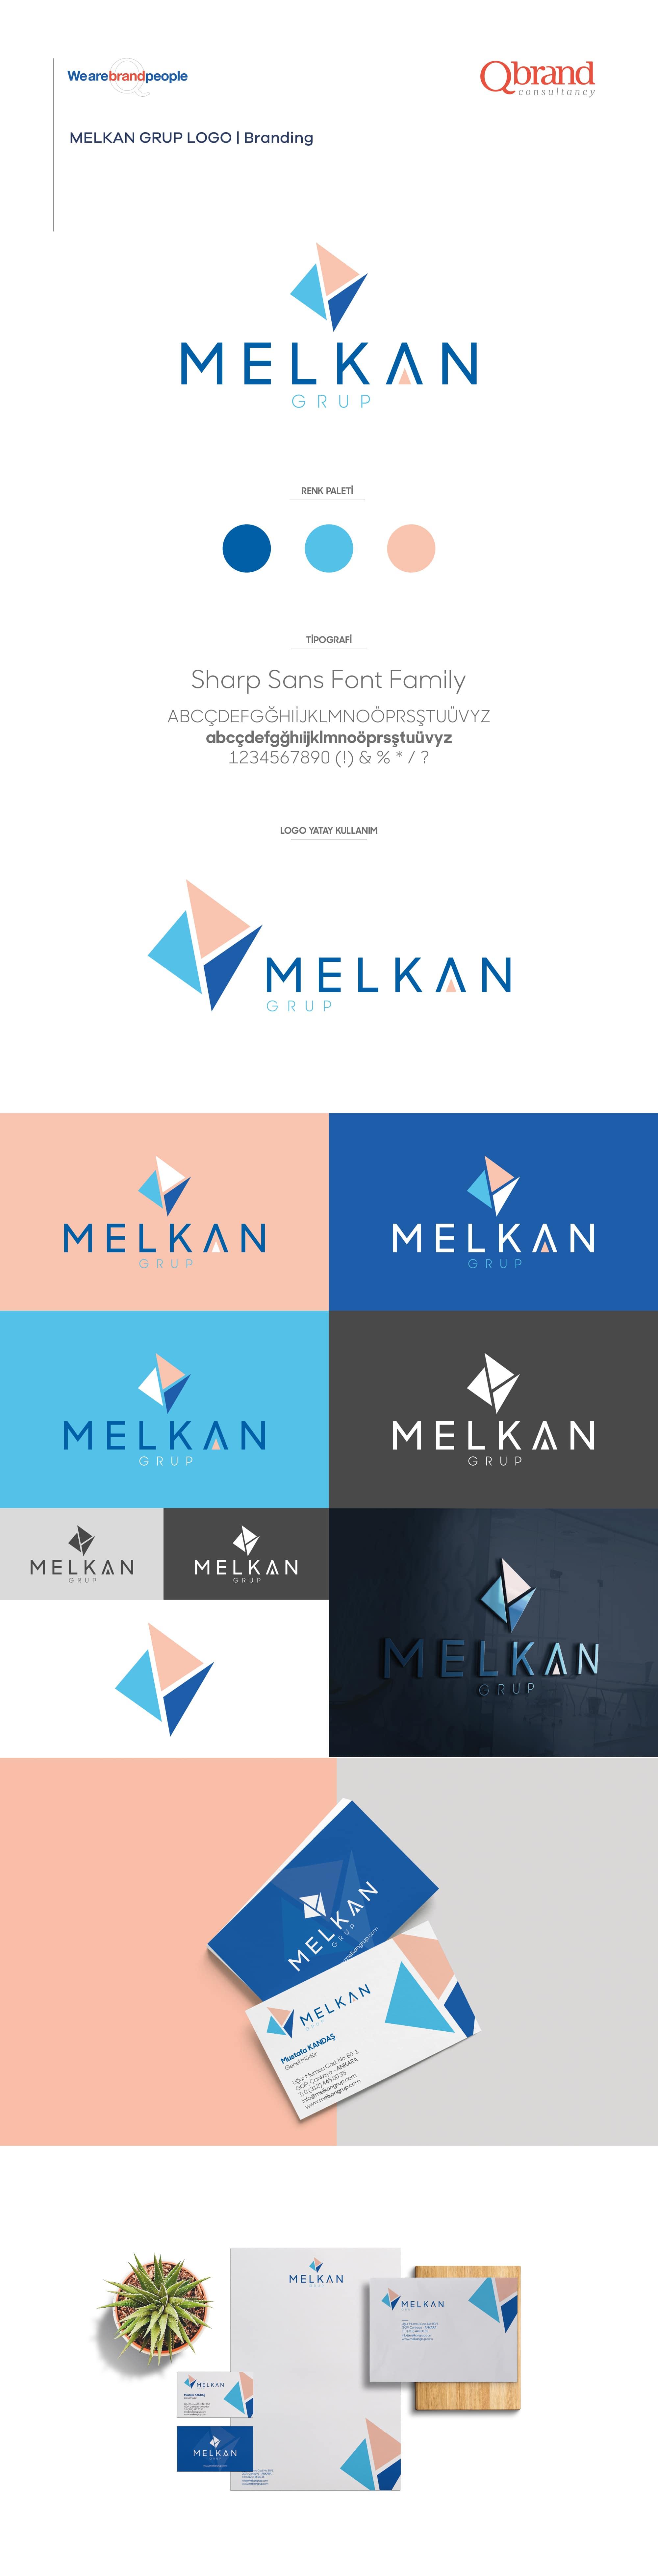 Ankara kurumsal kimlik tasarımı  Melkan Grup